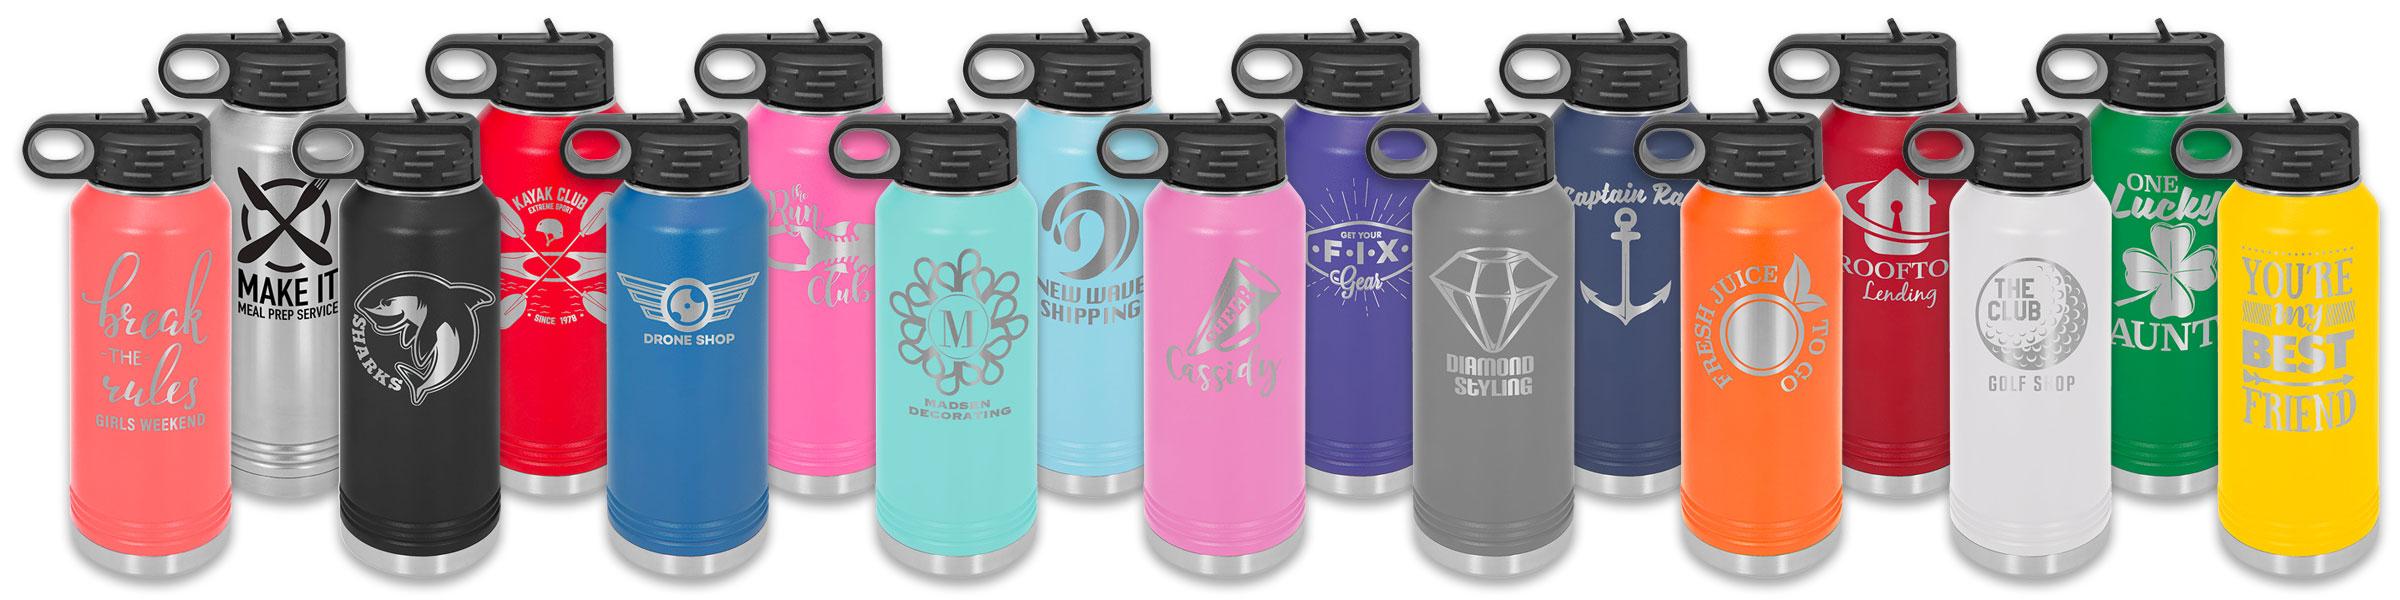 Custom 32 oz stainless water bottles from Polar Camel